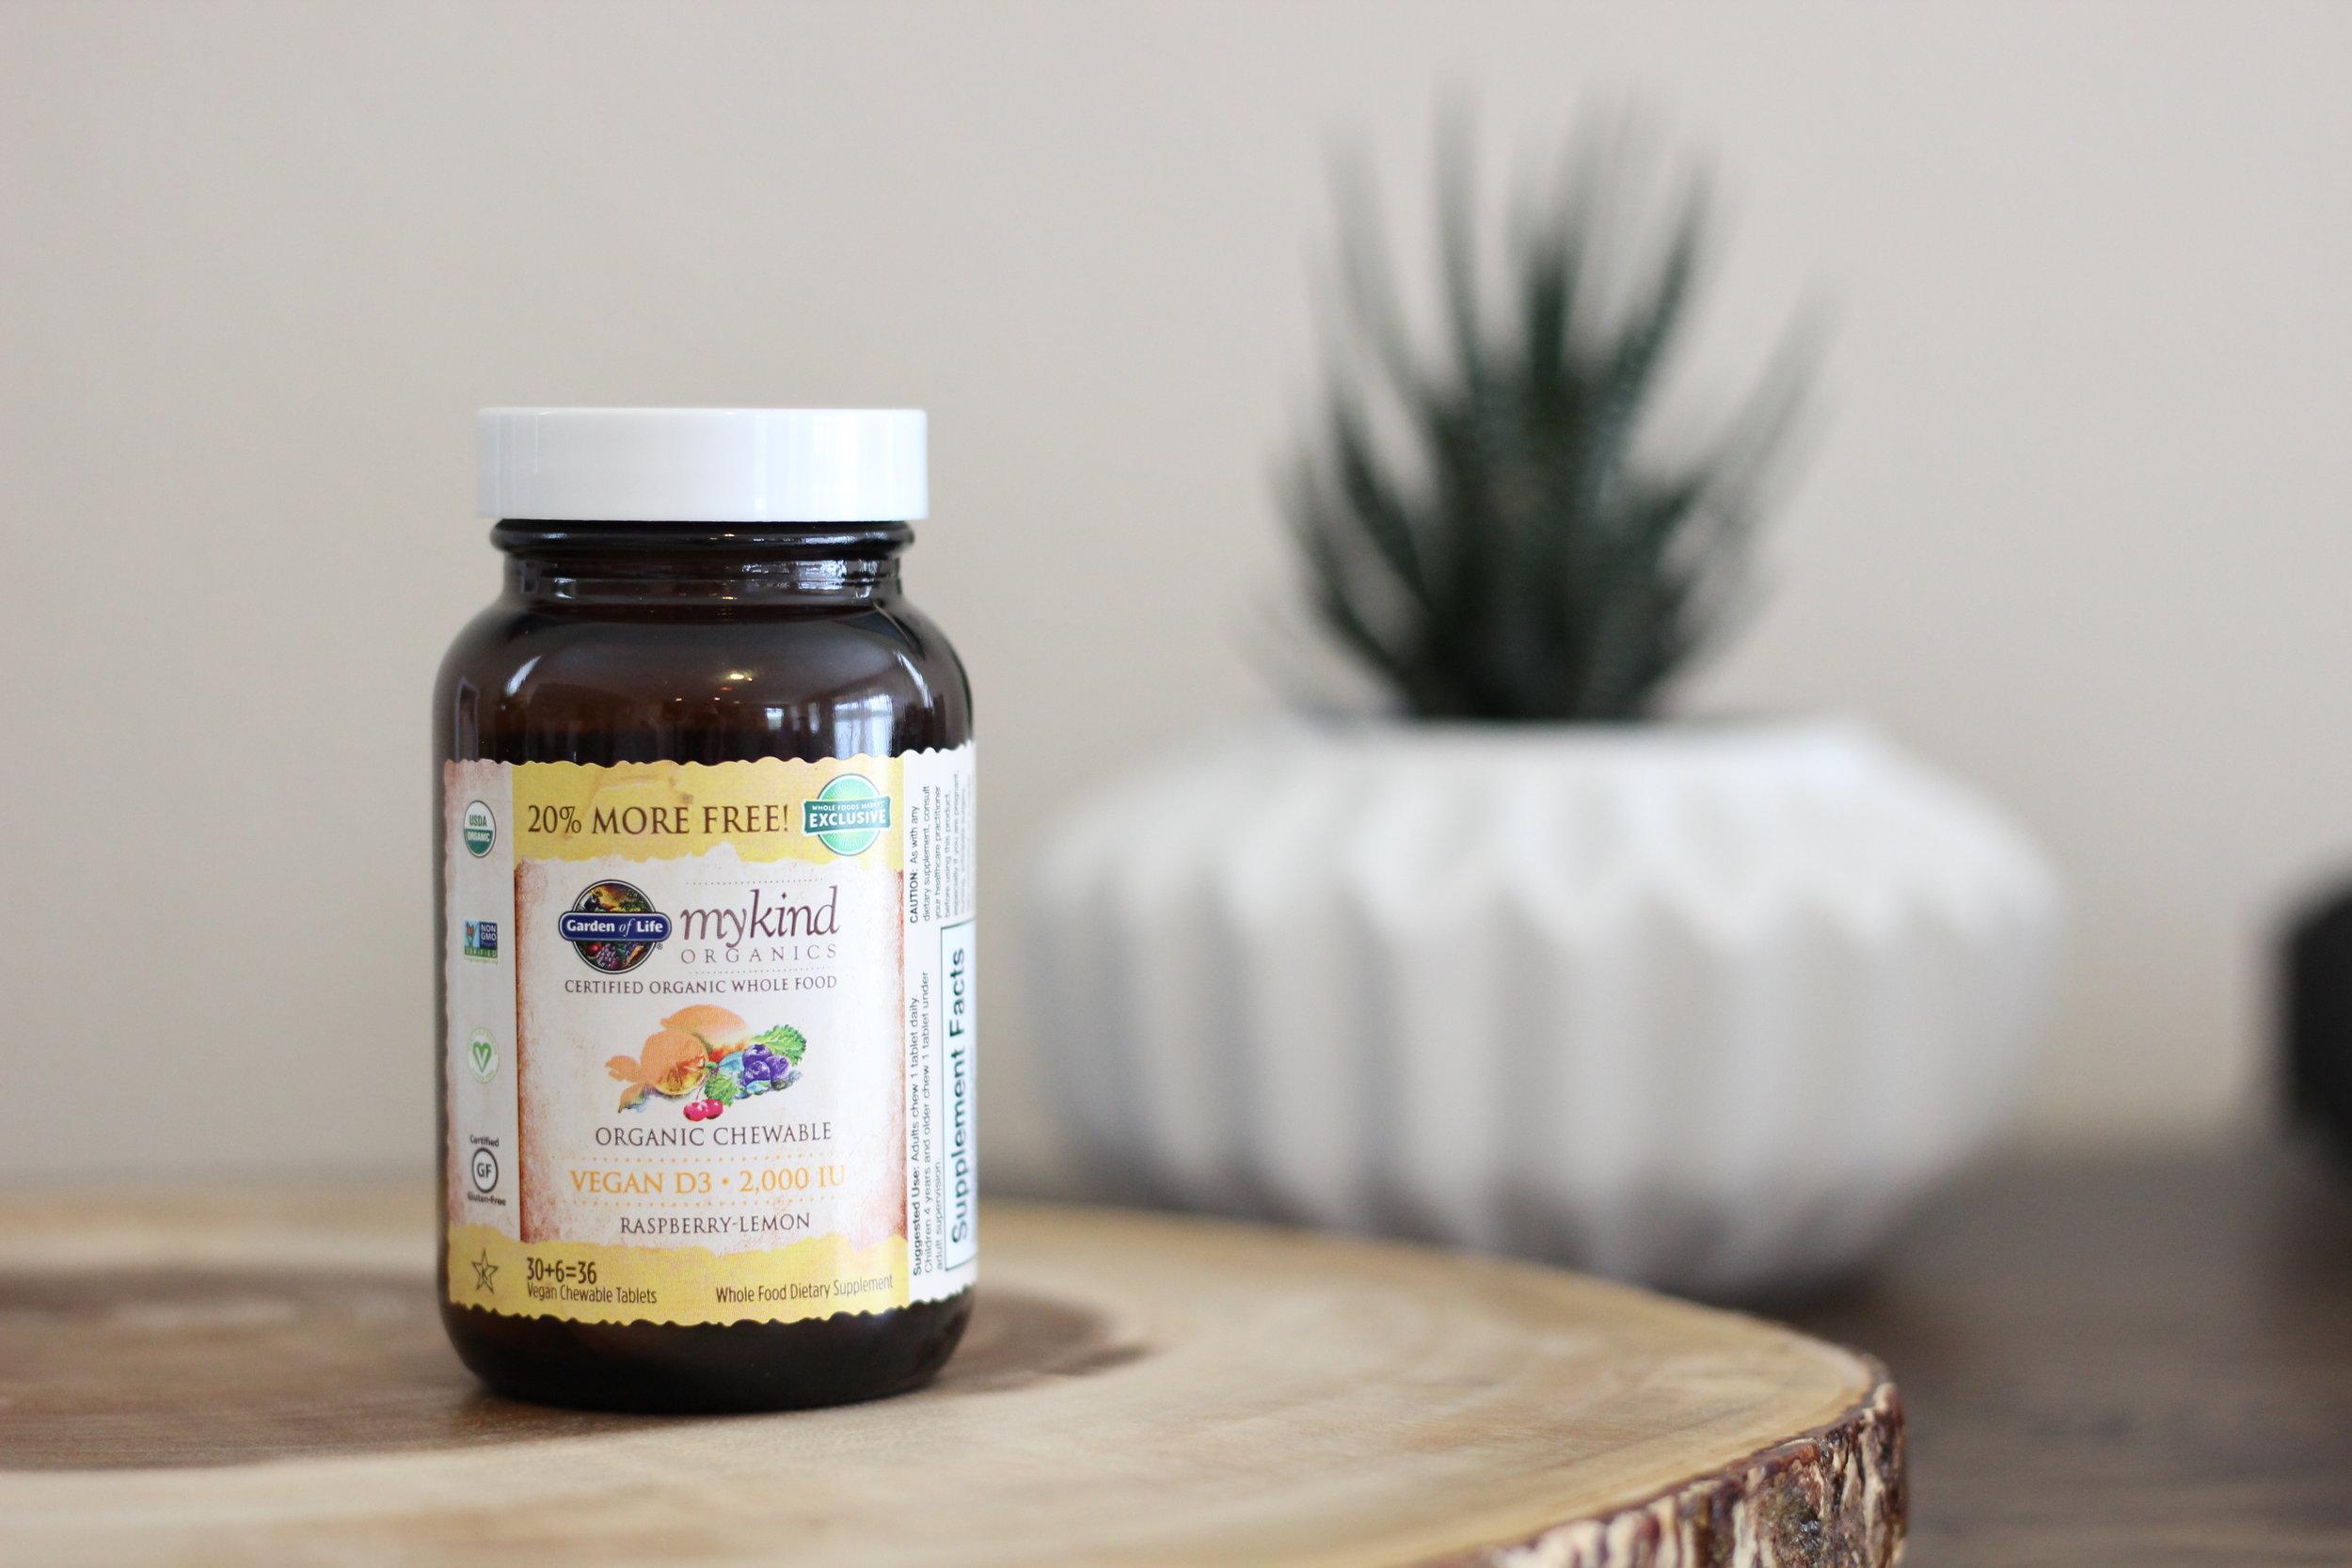 vegan prenatal supplements - vitamin d3 (vegan)